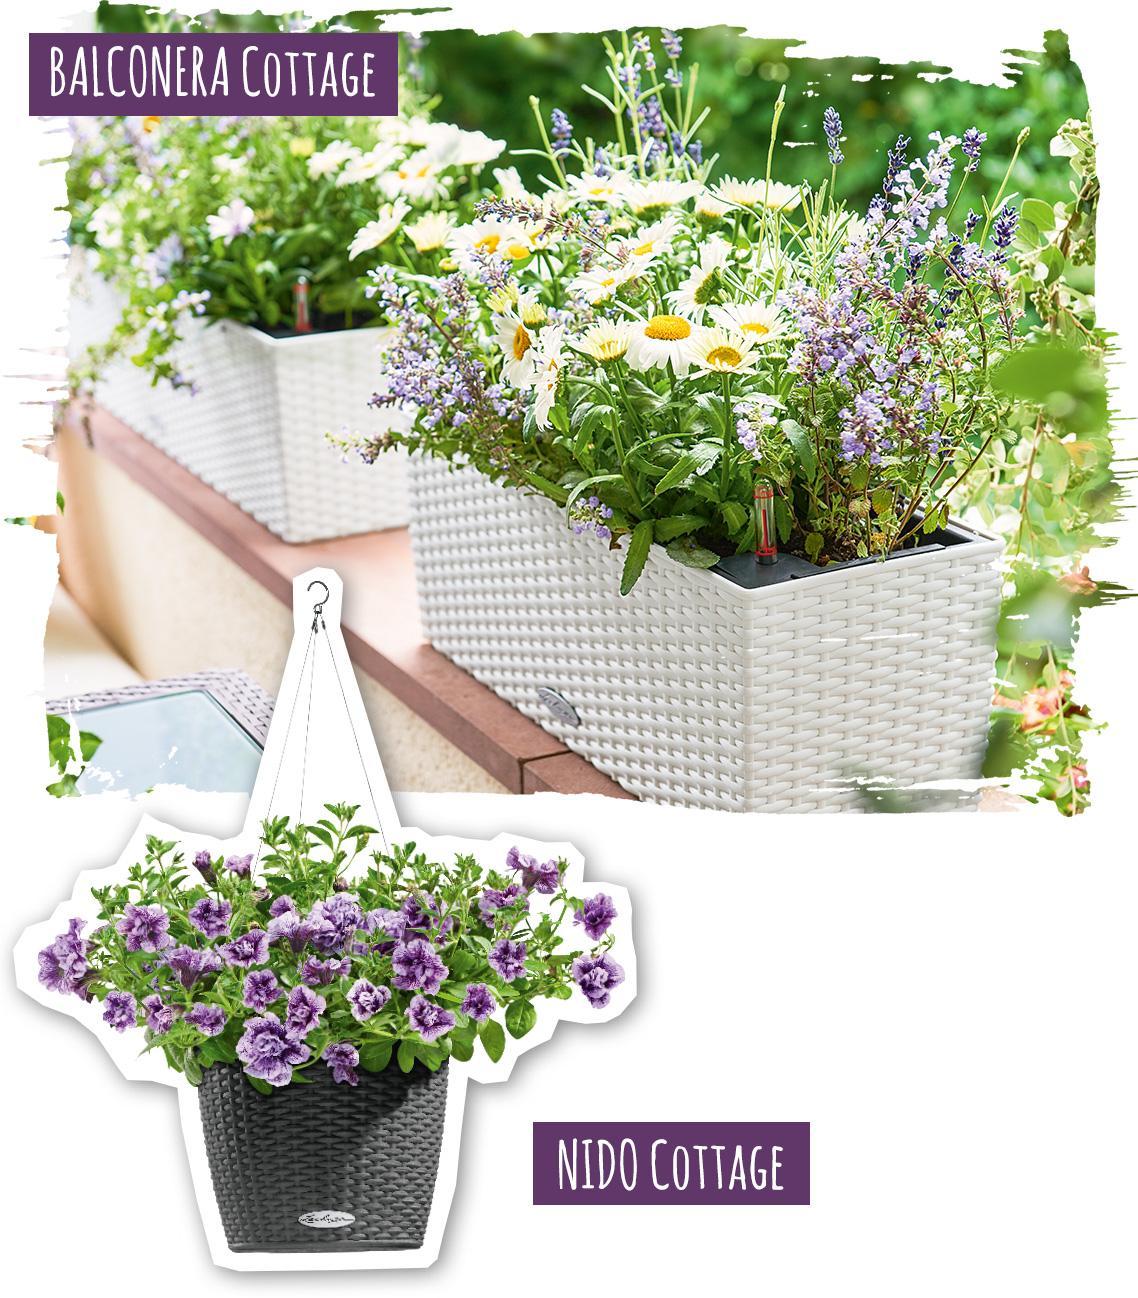 BALCONERA und NIDO Cottage mit Blumenarrangement